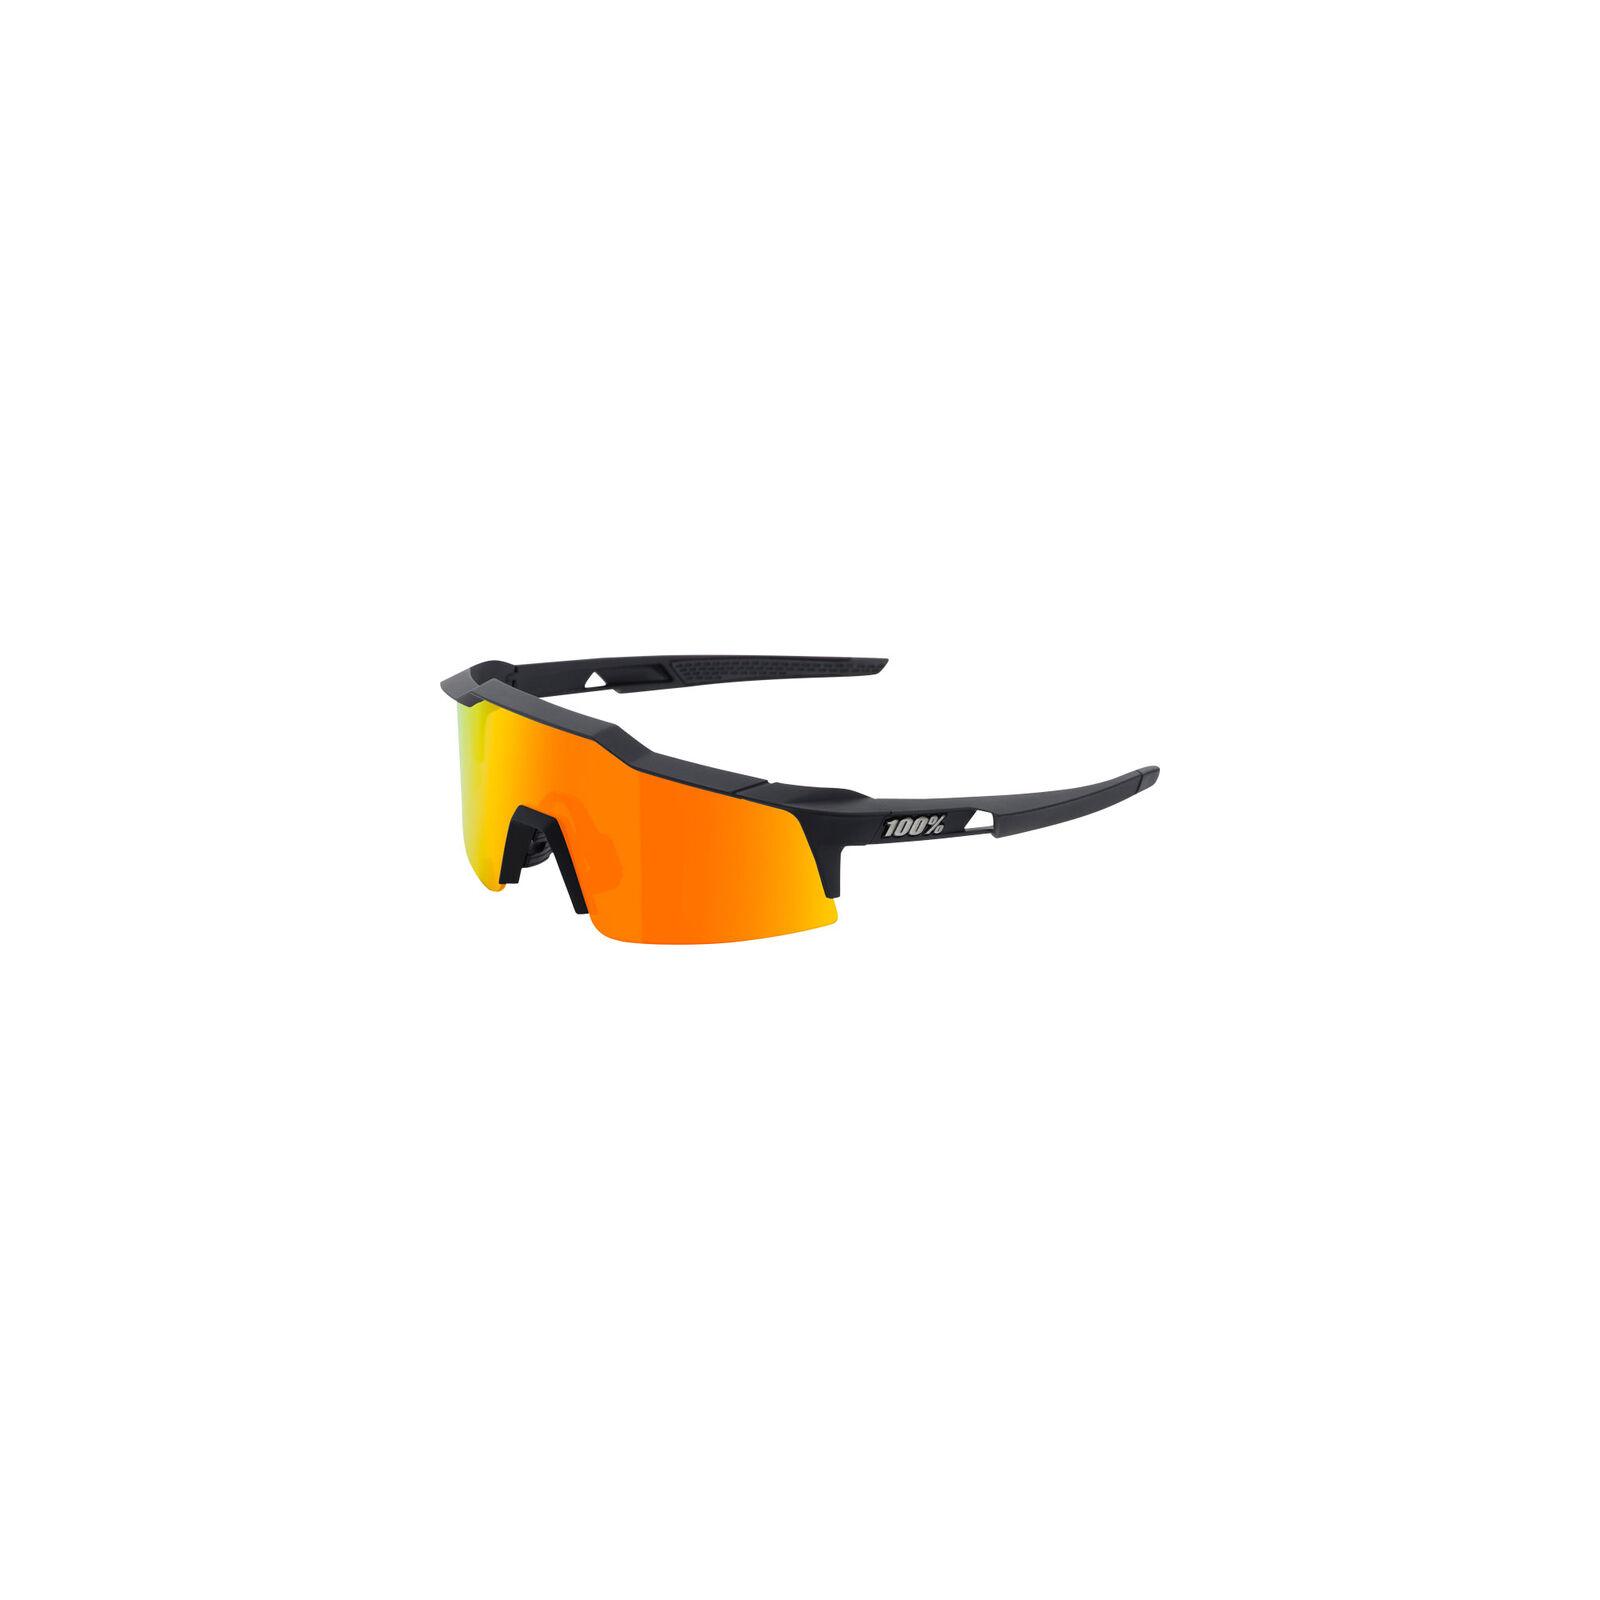 100% Speedcraft SL Gafas de Sol Negro Negro Negro Hiper Rojo Multilayer Lentes Espejados cecab5